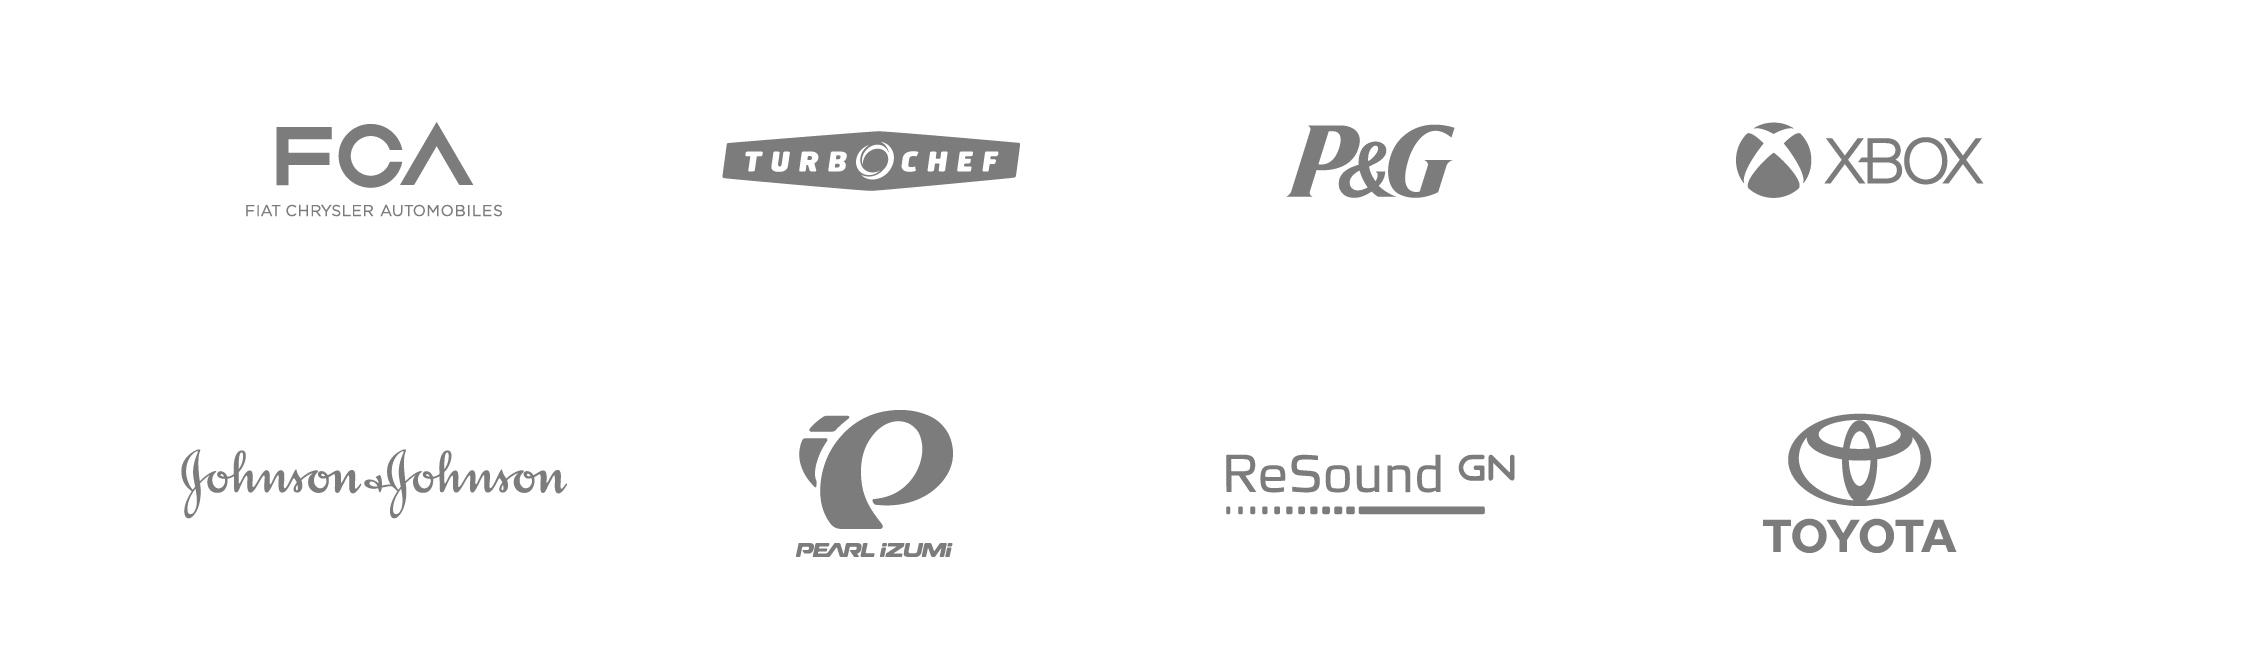 Brand Logos_AI Version_003_Med Grey-03.jpg